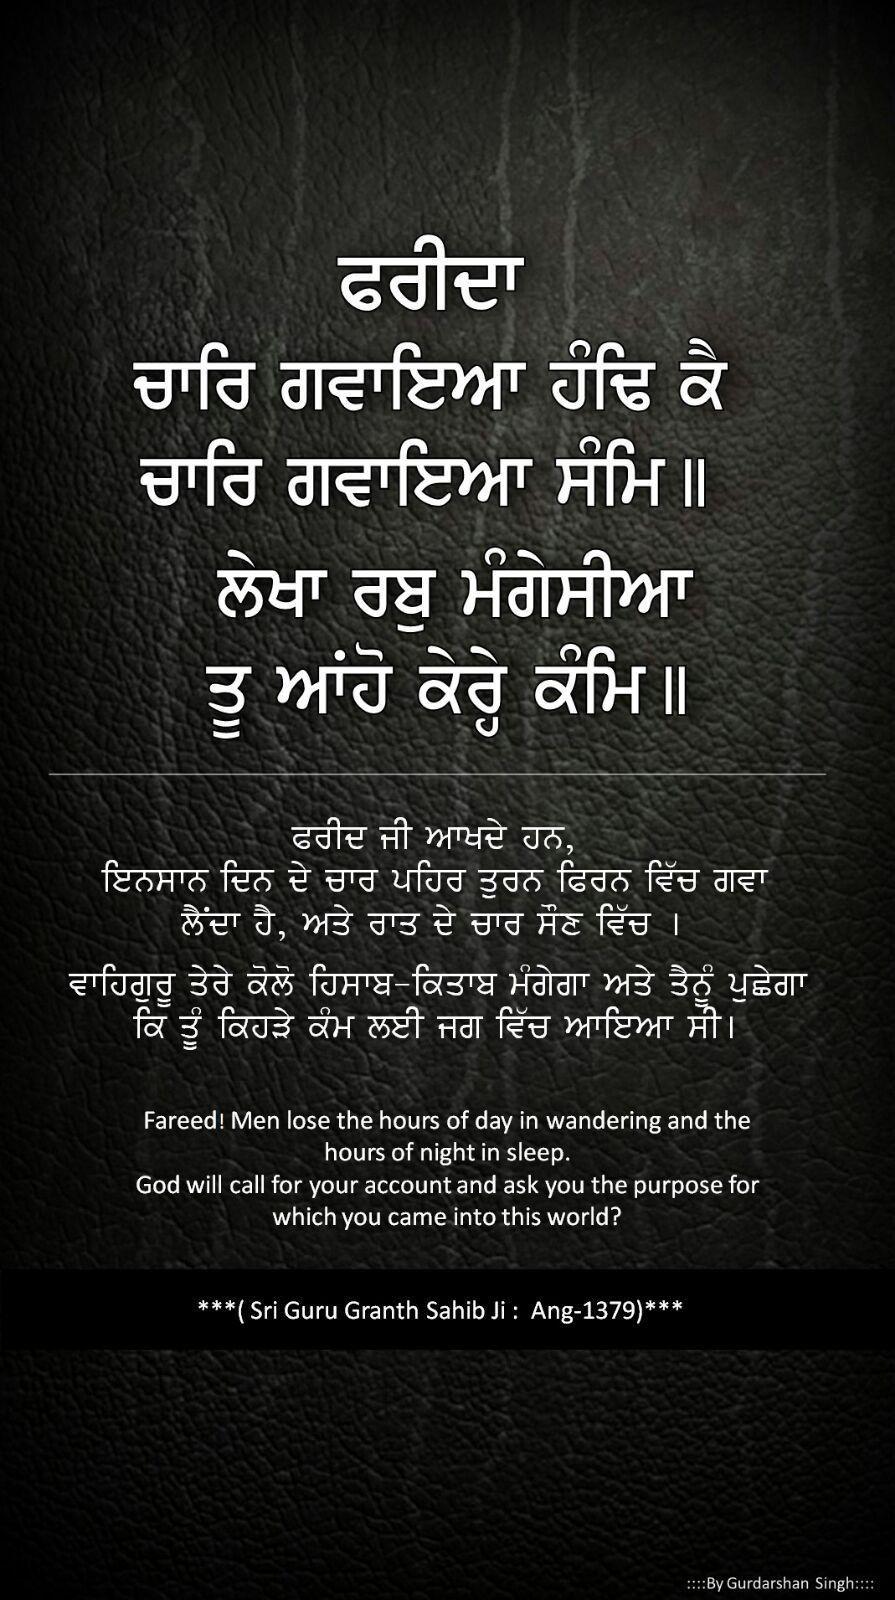 Gurbani Quotes Waheguru ji | Gurbaani wallpapers | Sikh quotes, Guru granth sahib  Gurbani Quotes